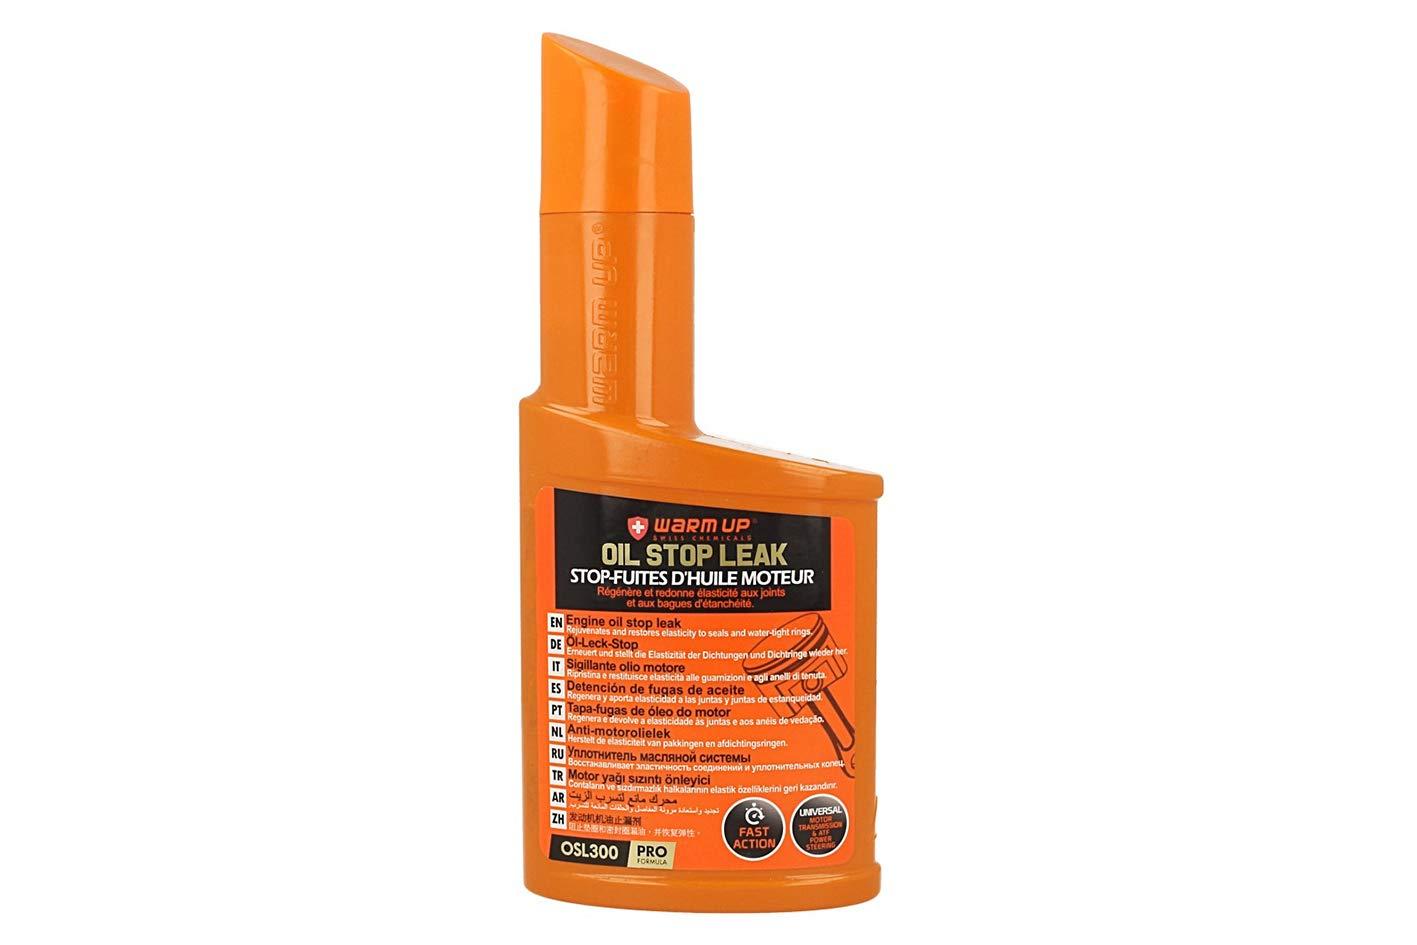 Warm Up - Oil Stop Leak, olio anti-goccia motore, scatola, direzione e A.T.F.